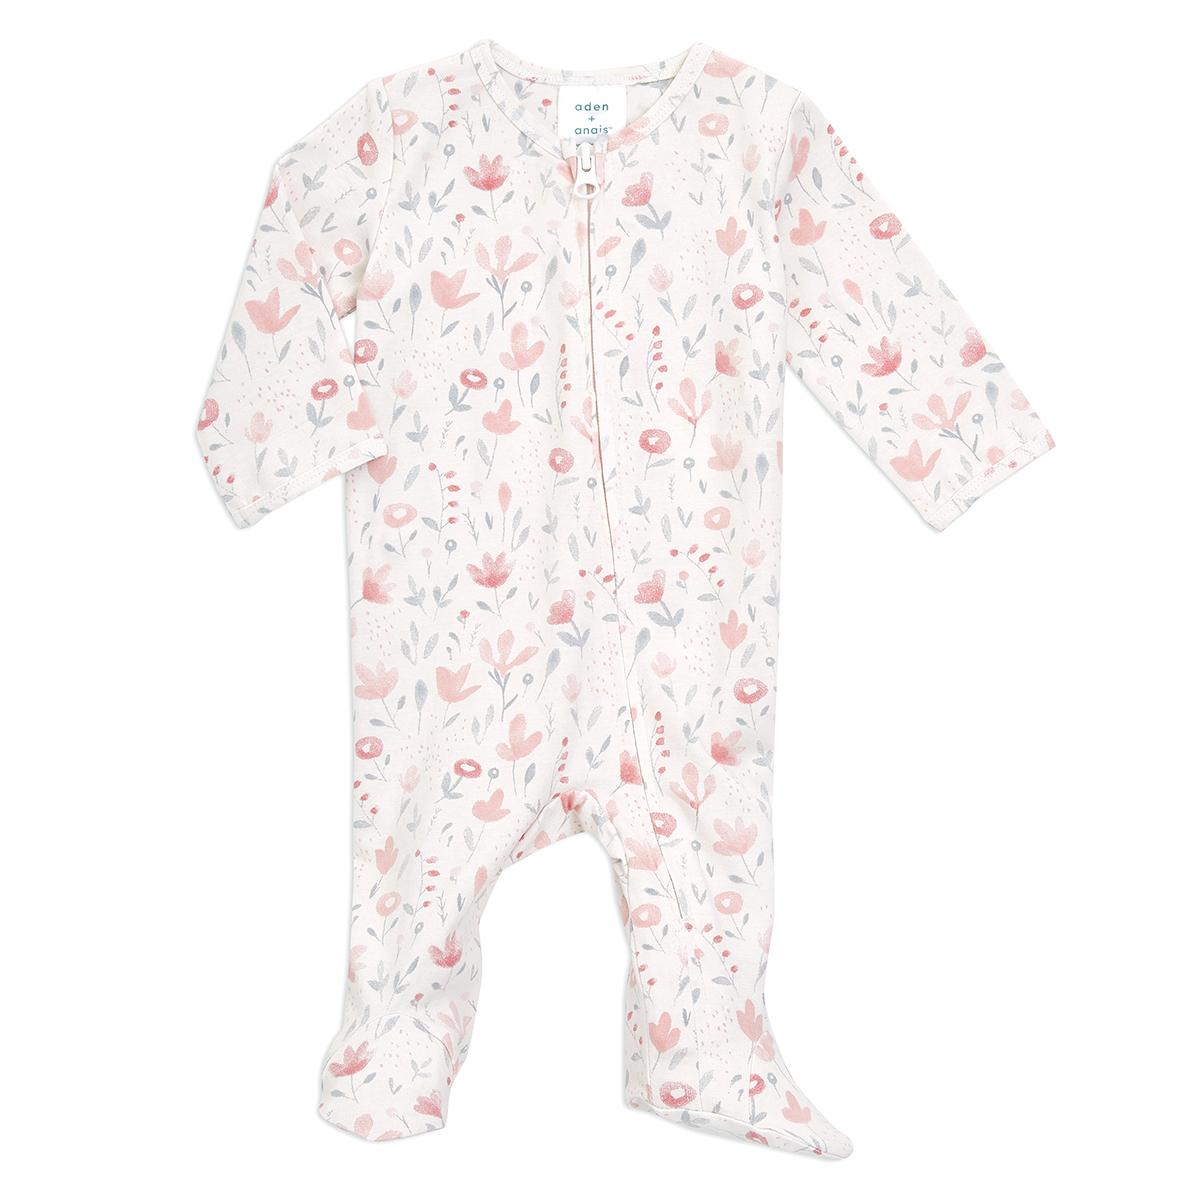 Body & Pyjama Pyjama Perennial - 3/6 Mois Pyjama Perennial - 3/6 Mois